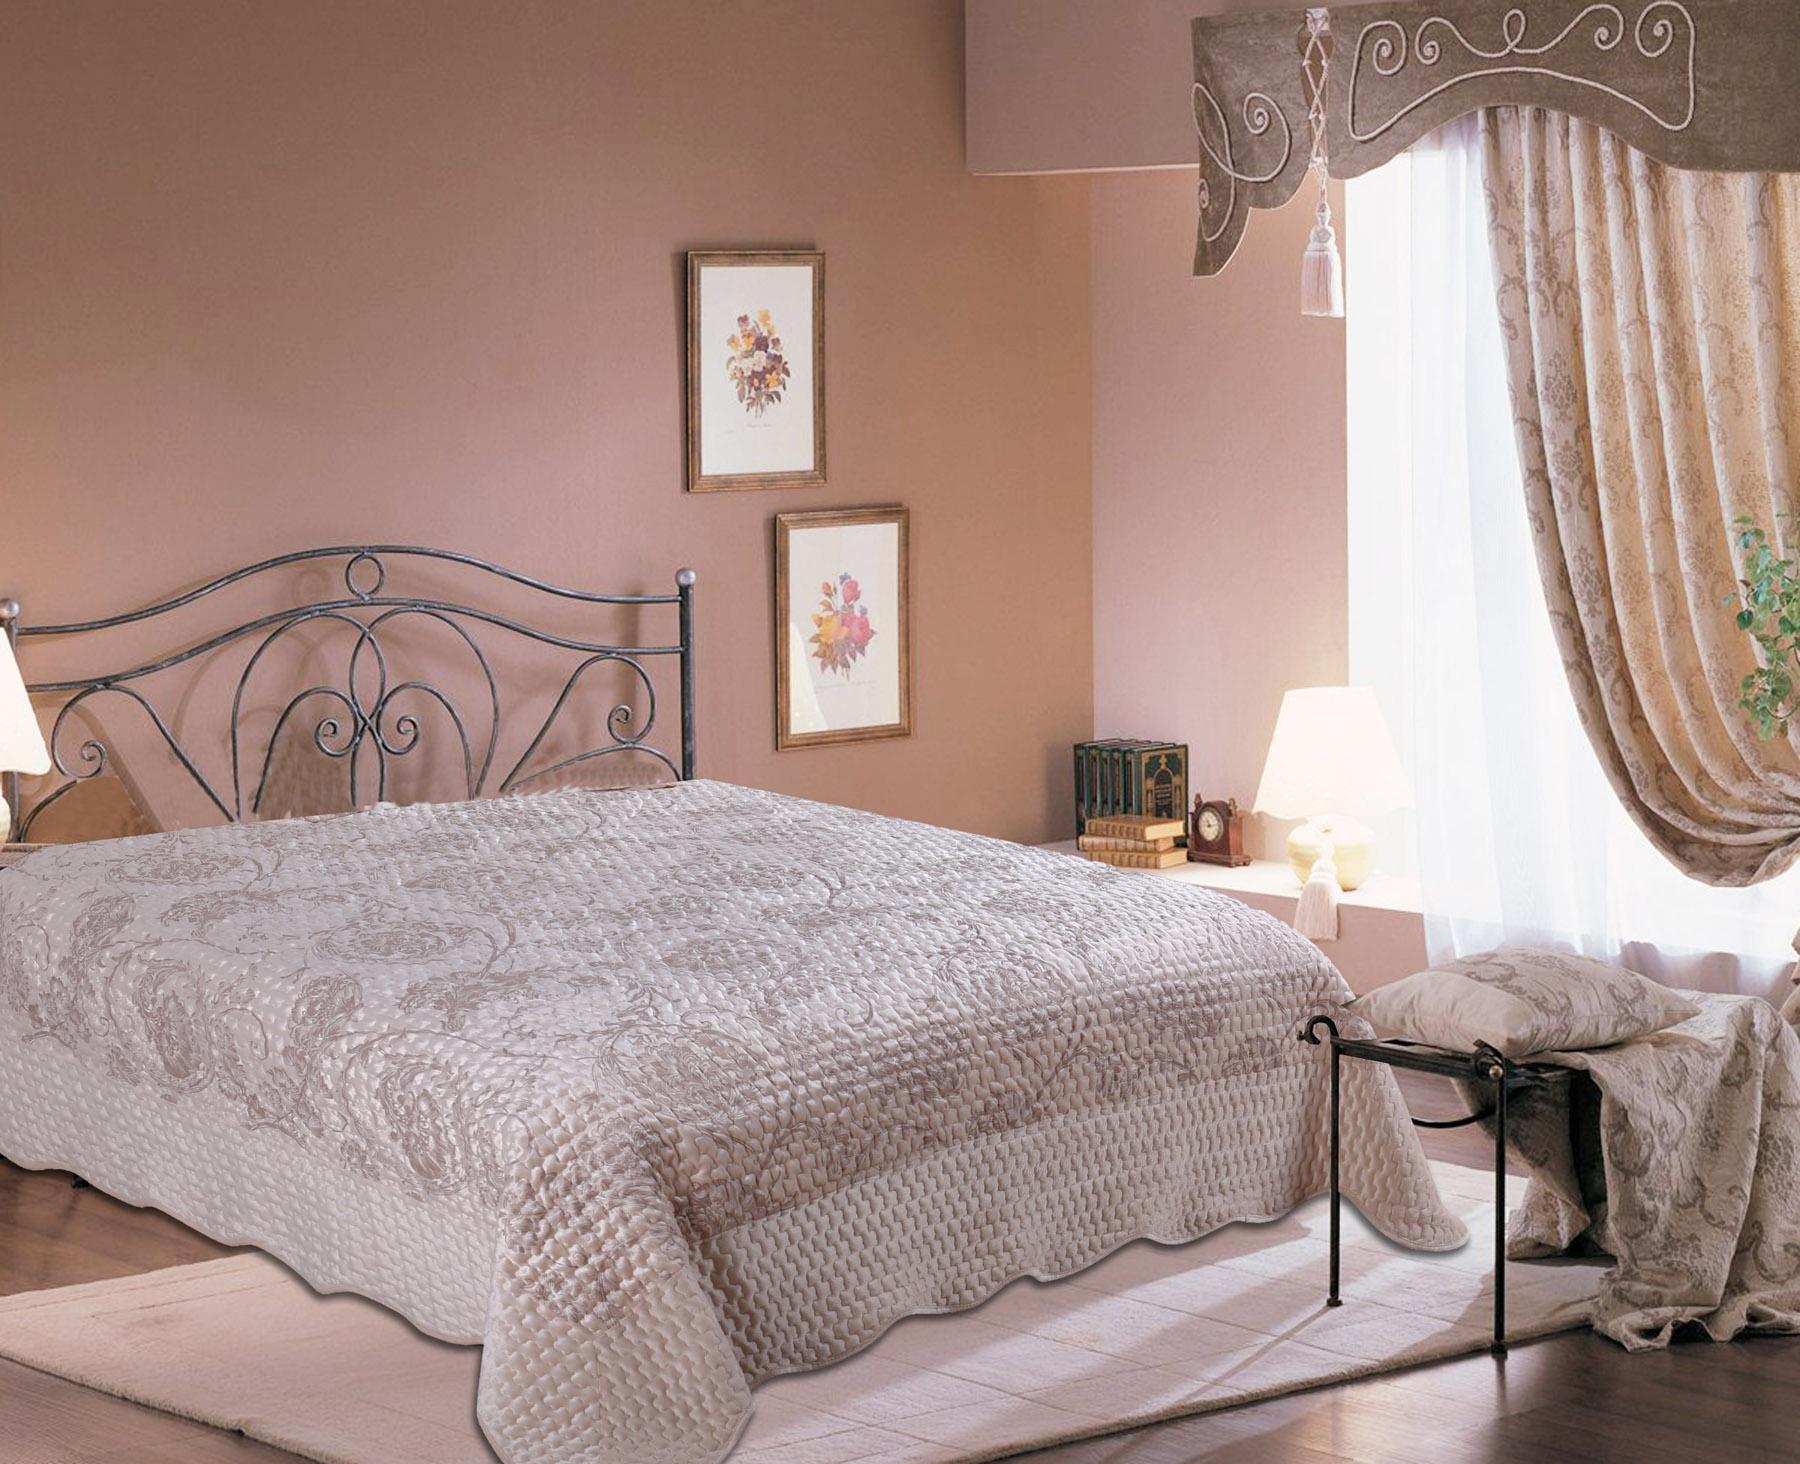 Купить Пледы и покрывала Amore Mio, Покрывало Vigo (220х240 см), Китай, Кремовый, Синтетический сатин, Синтетический велюр